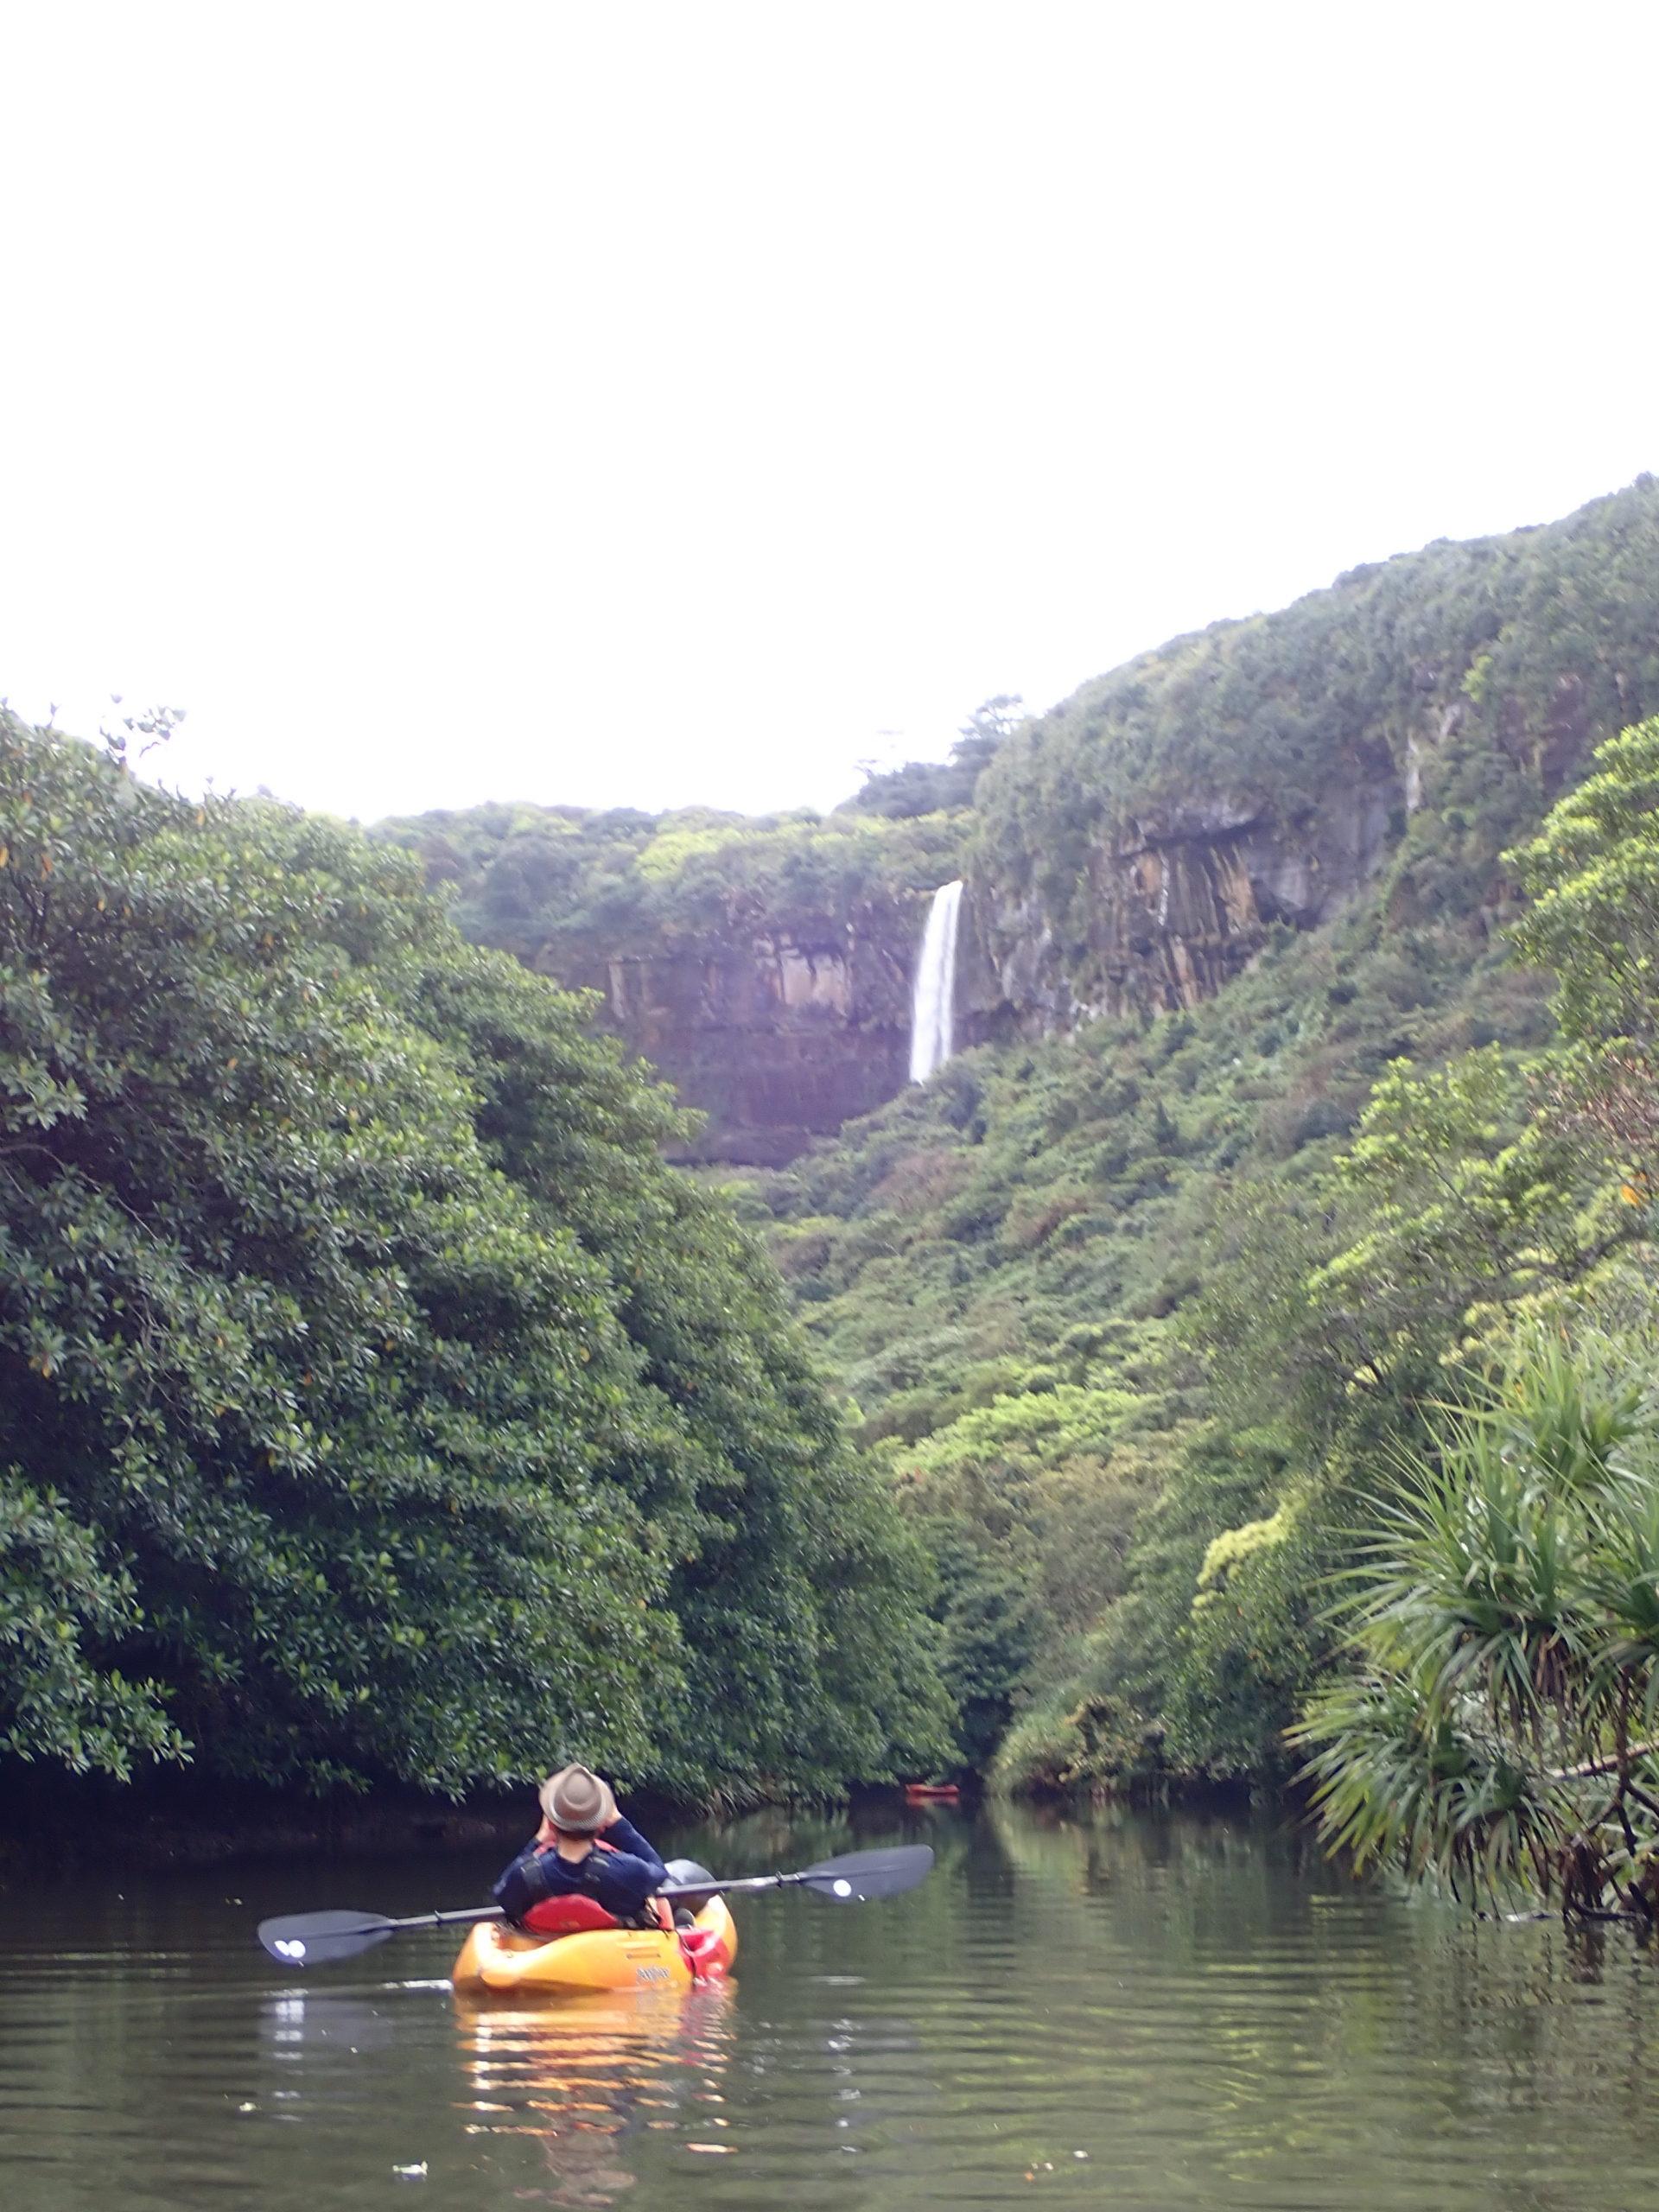 マイペースに楽しむ、ピナイサーラの滝カヌーツアー!